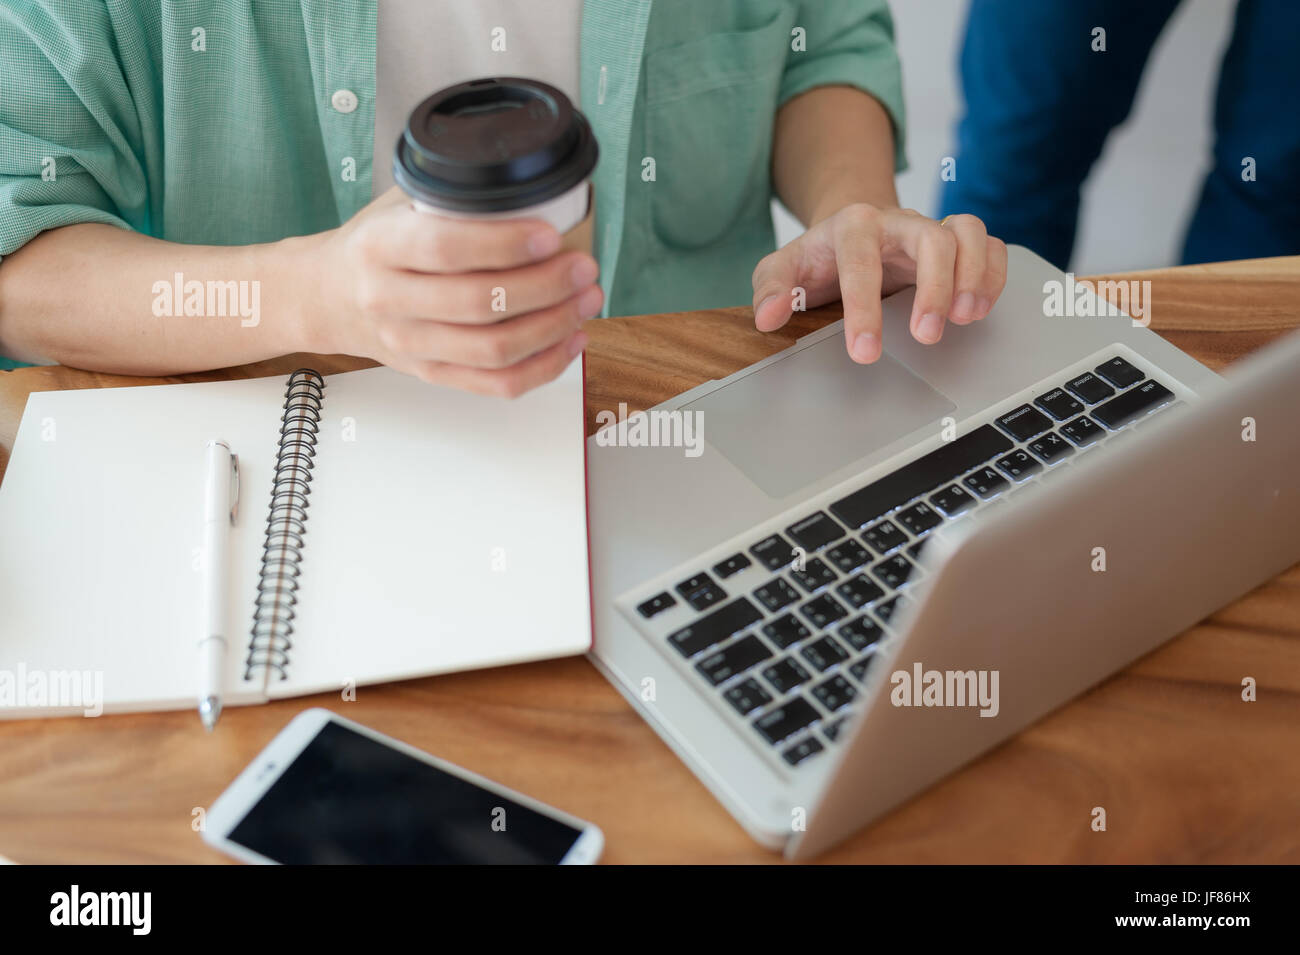 Hipster asiatique mâle avec l'aide de chiffons occasionnels ordinateur portable tout en touchpad drinking Photo Stock